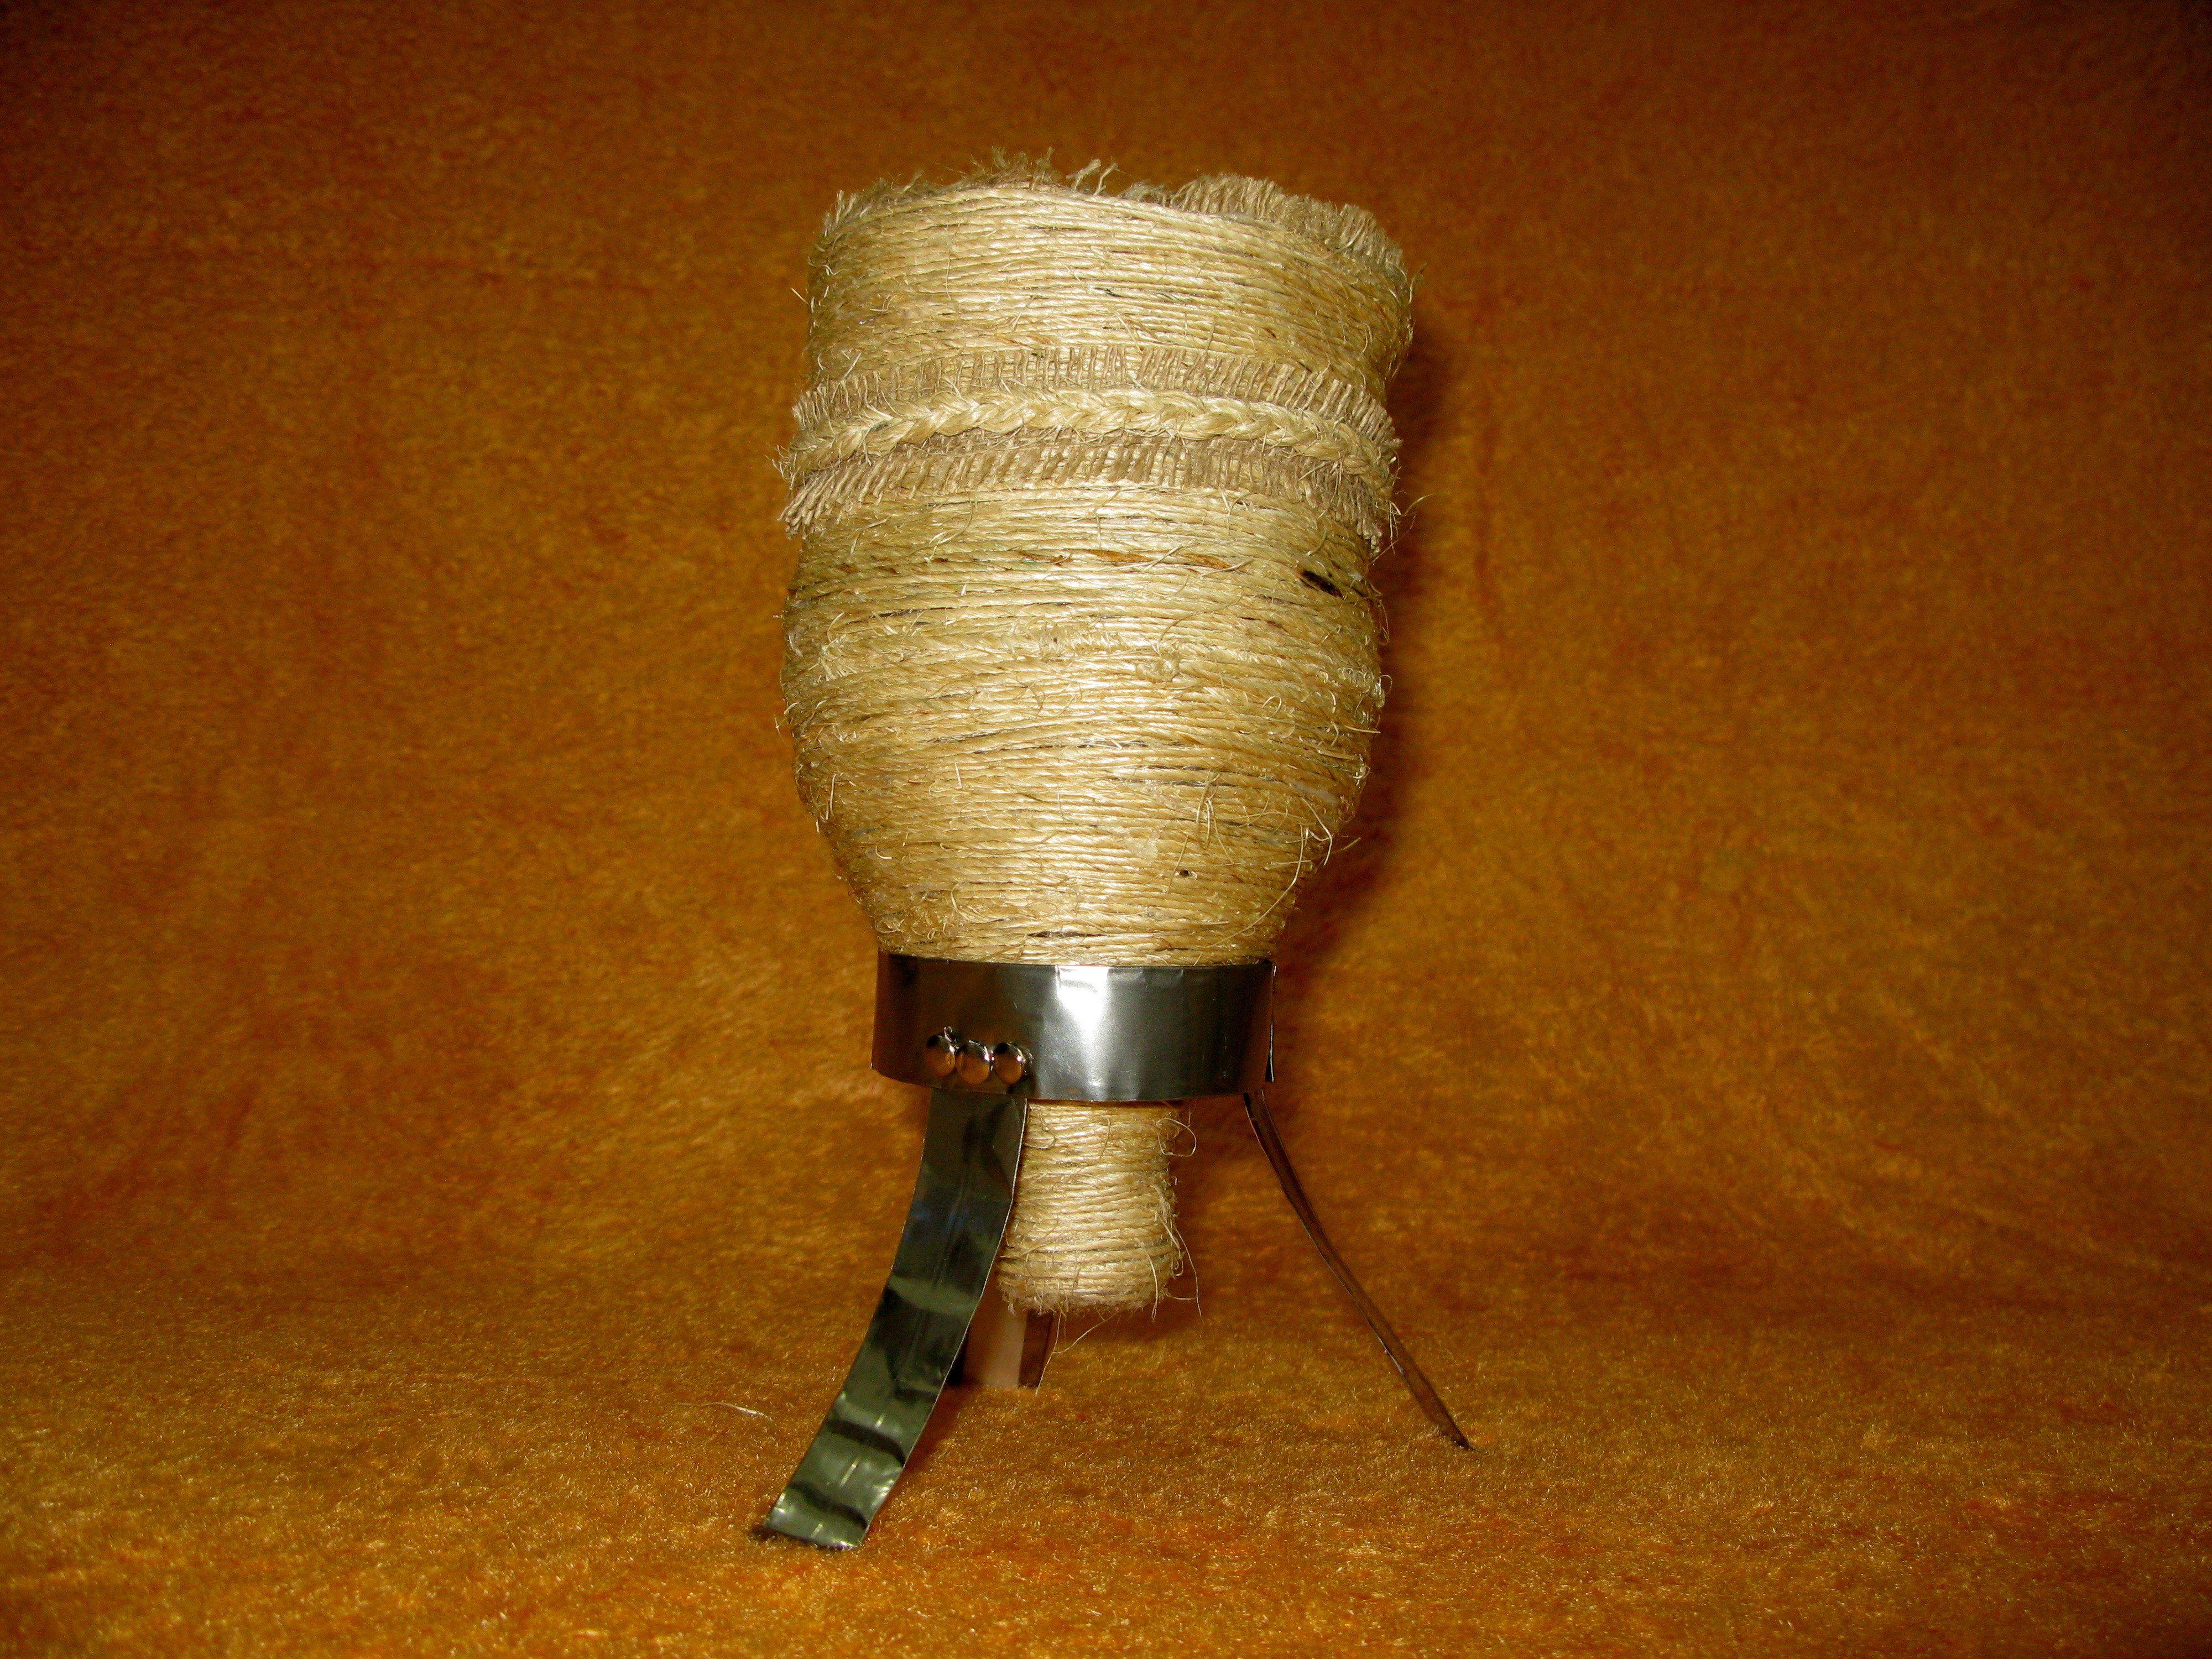 cuias de chimarão feitos com garrafas pet , base (suporte) em lata de refrigerante ,revestidas com barbante de sizal bio.